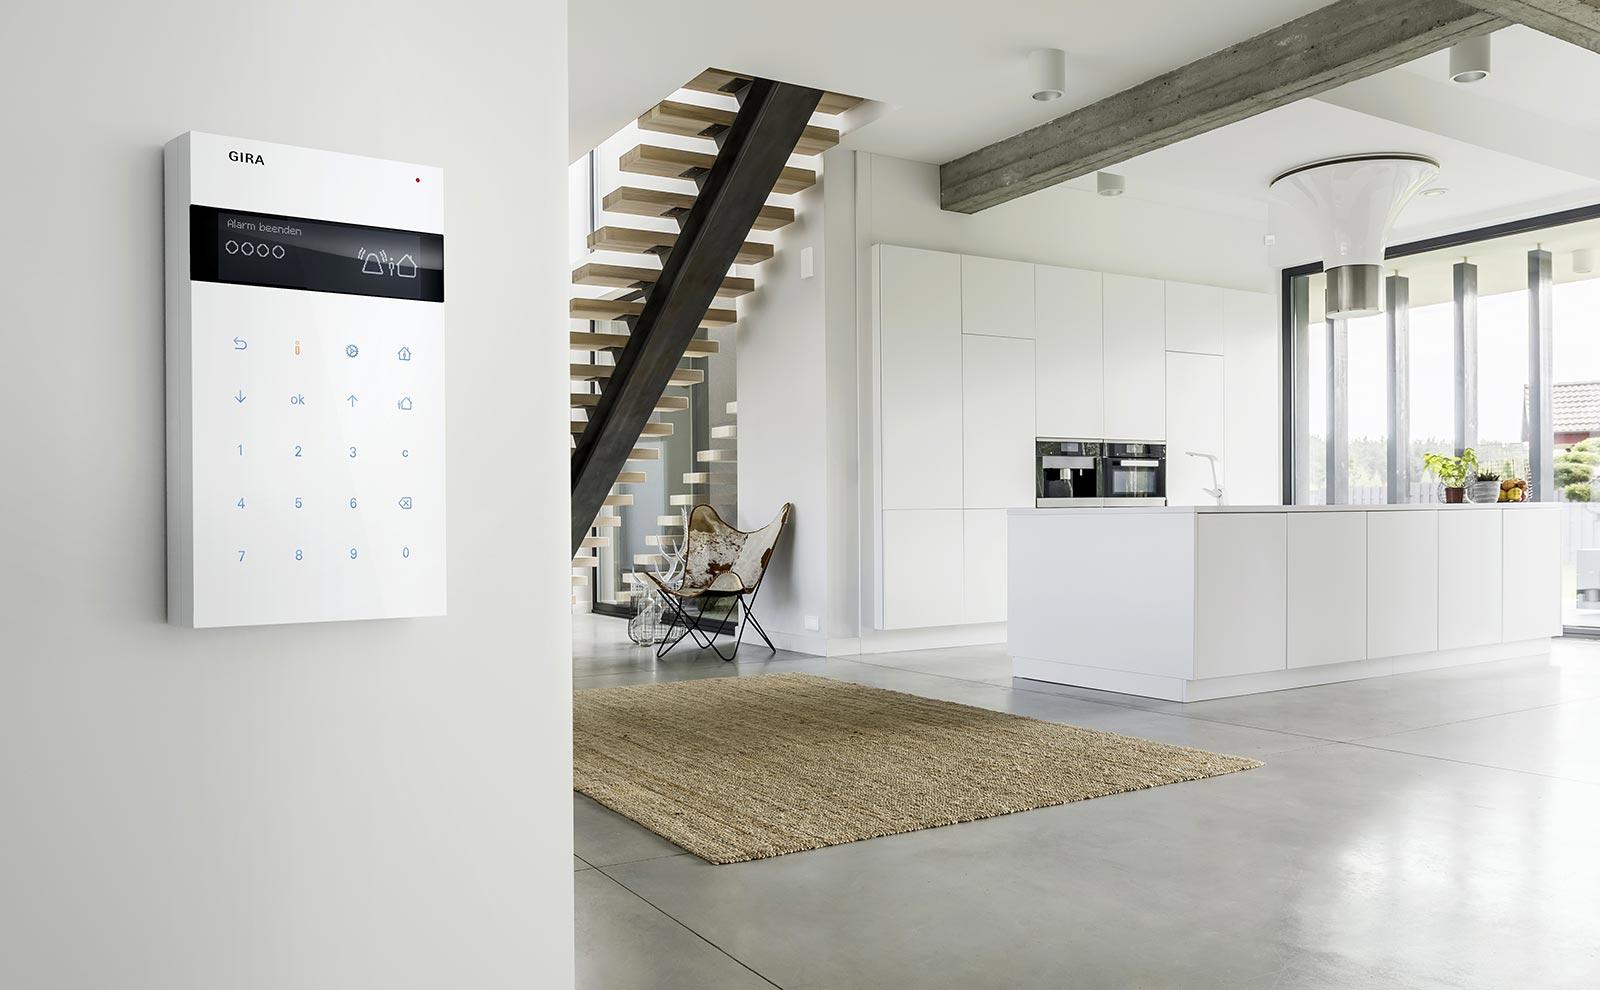 Gira Sicherheitssystem Alarm Connect an der weißen Wand